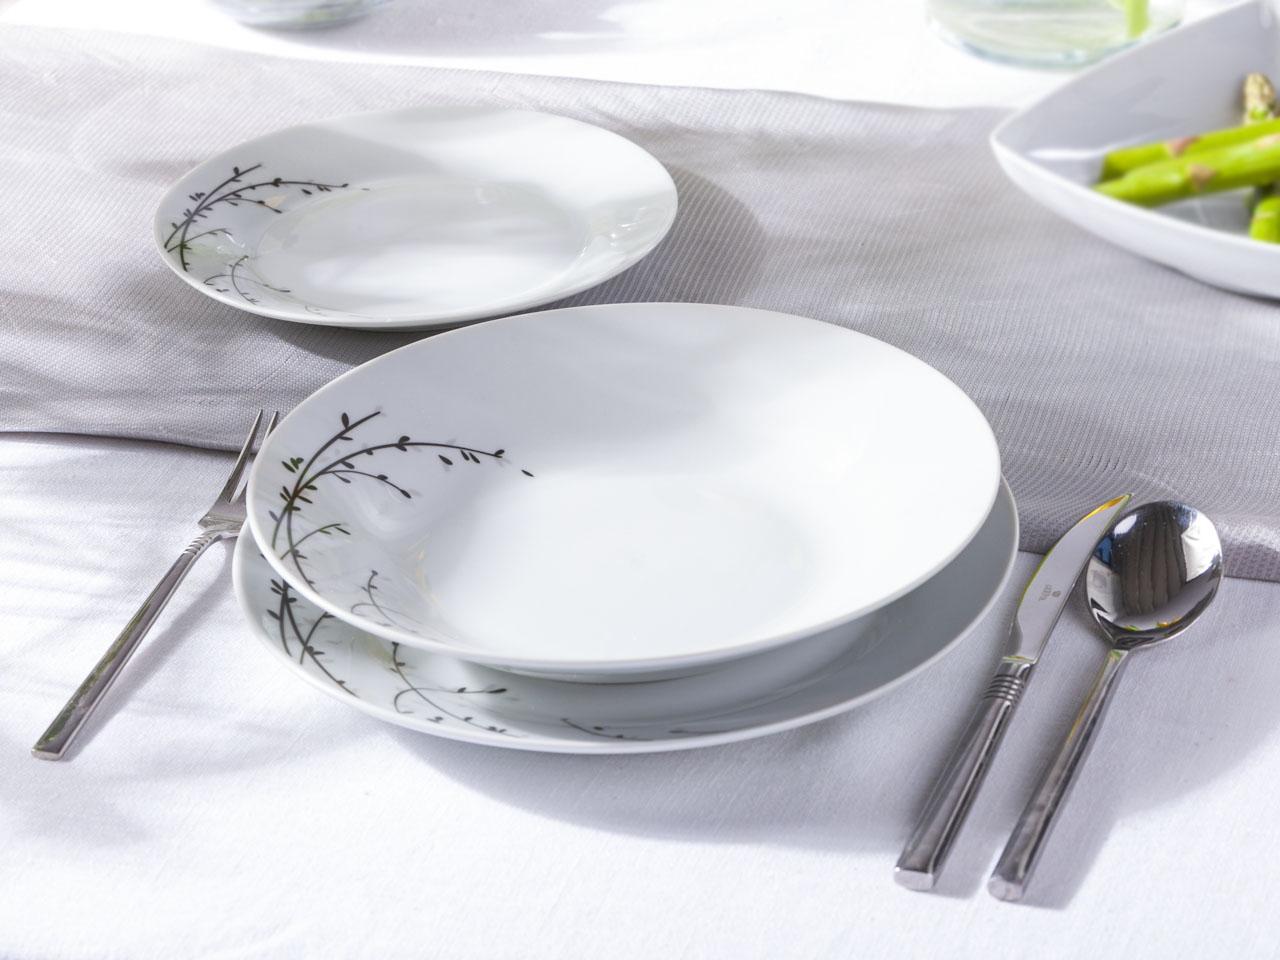 Zestaw obiadowy dla 6 osób Altom Design Inga (18 elementów)